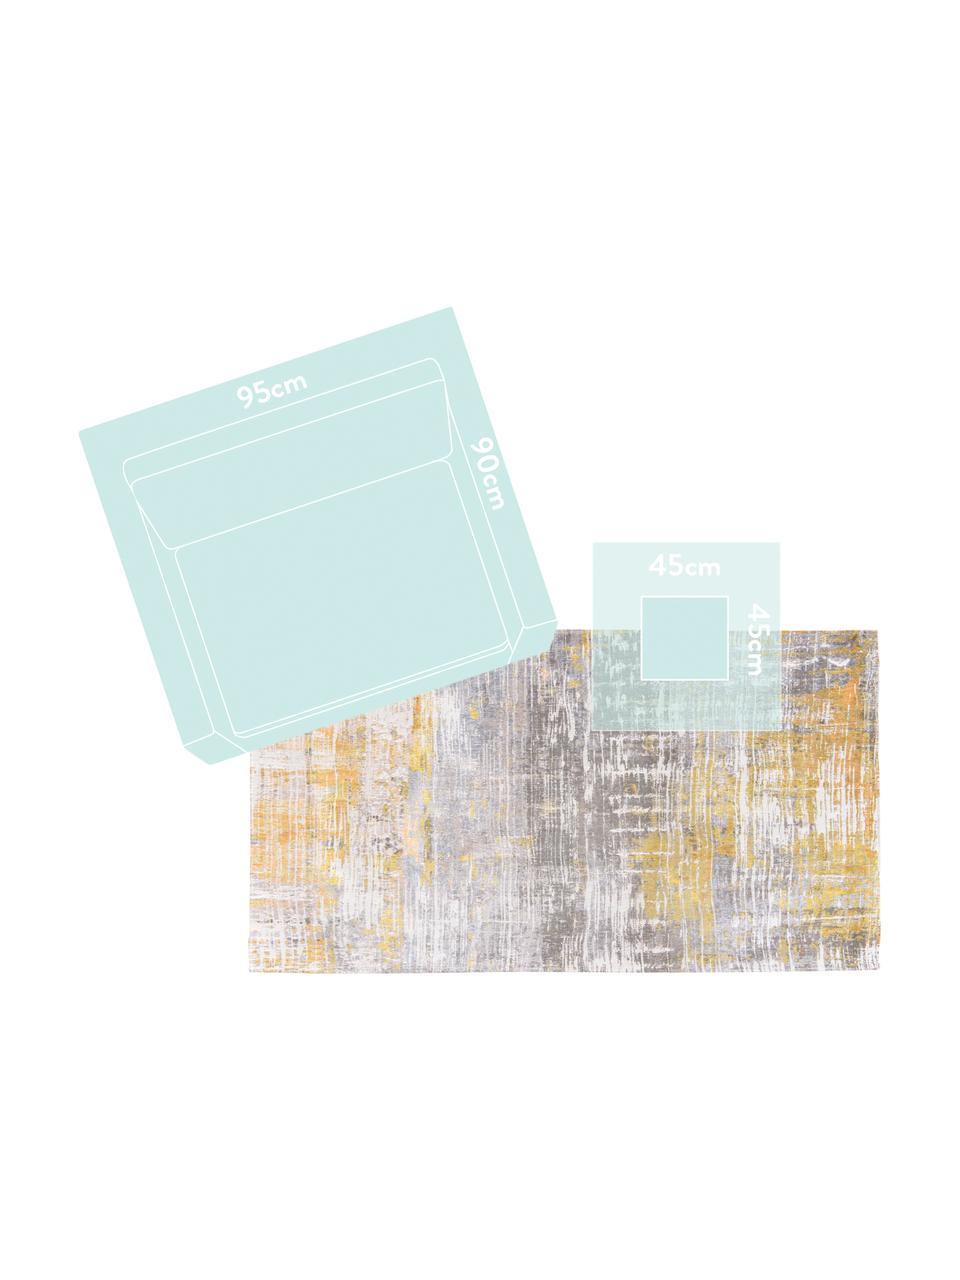 Dywan Streaks, Żołty, szary, biały, 140 x 200 cm (Rozmiar S)